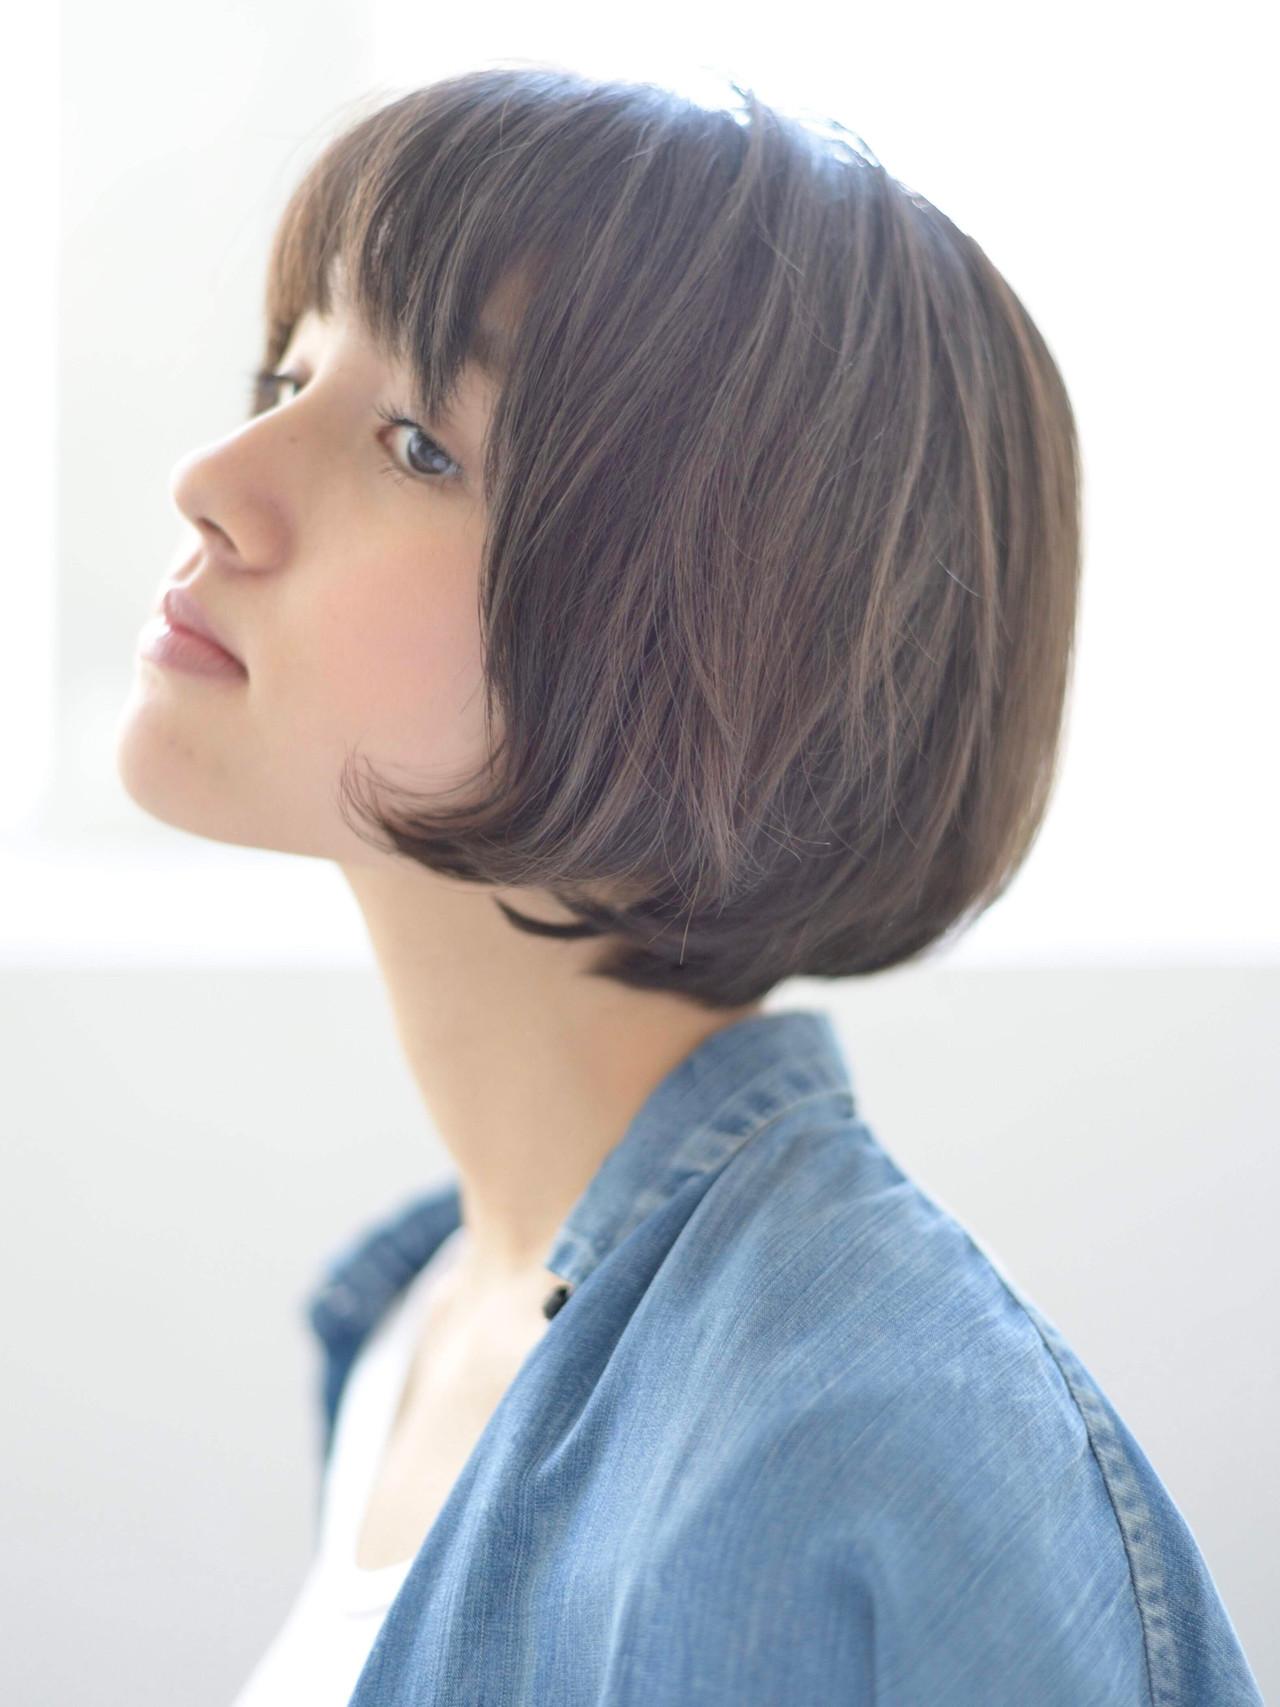 マッシュ ミニボブ ショートボブ ショートヘア ヘアスタイルや髪型の写真・画像 | 郡司 泰之 / ROJITHA 原宿 / ROJITHA